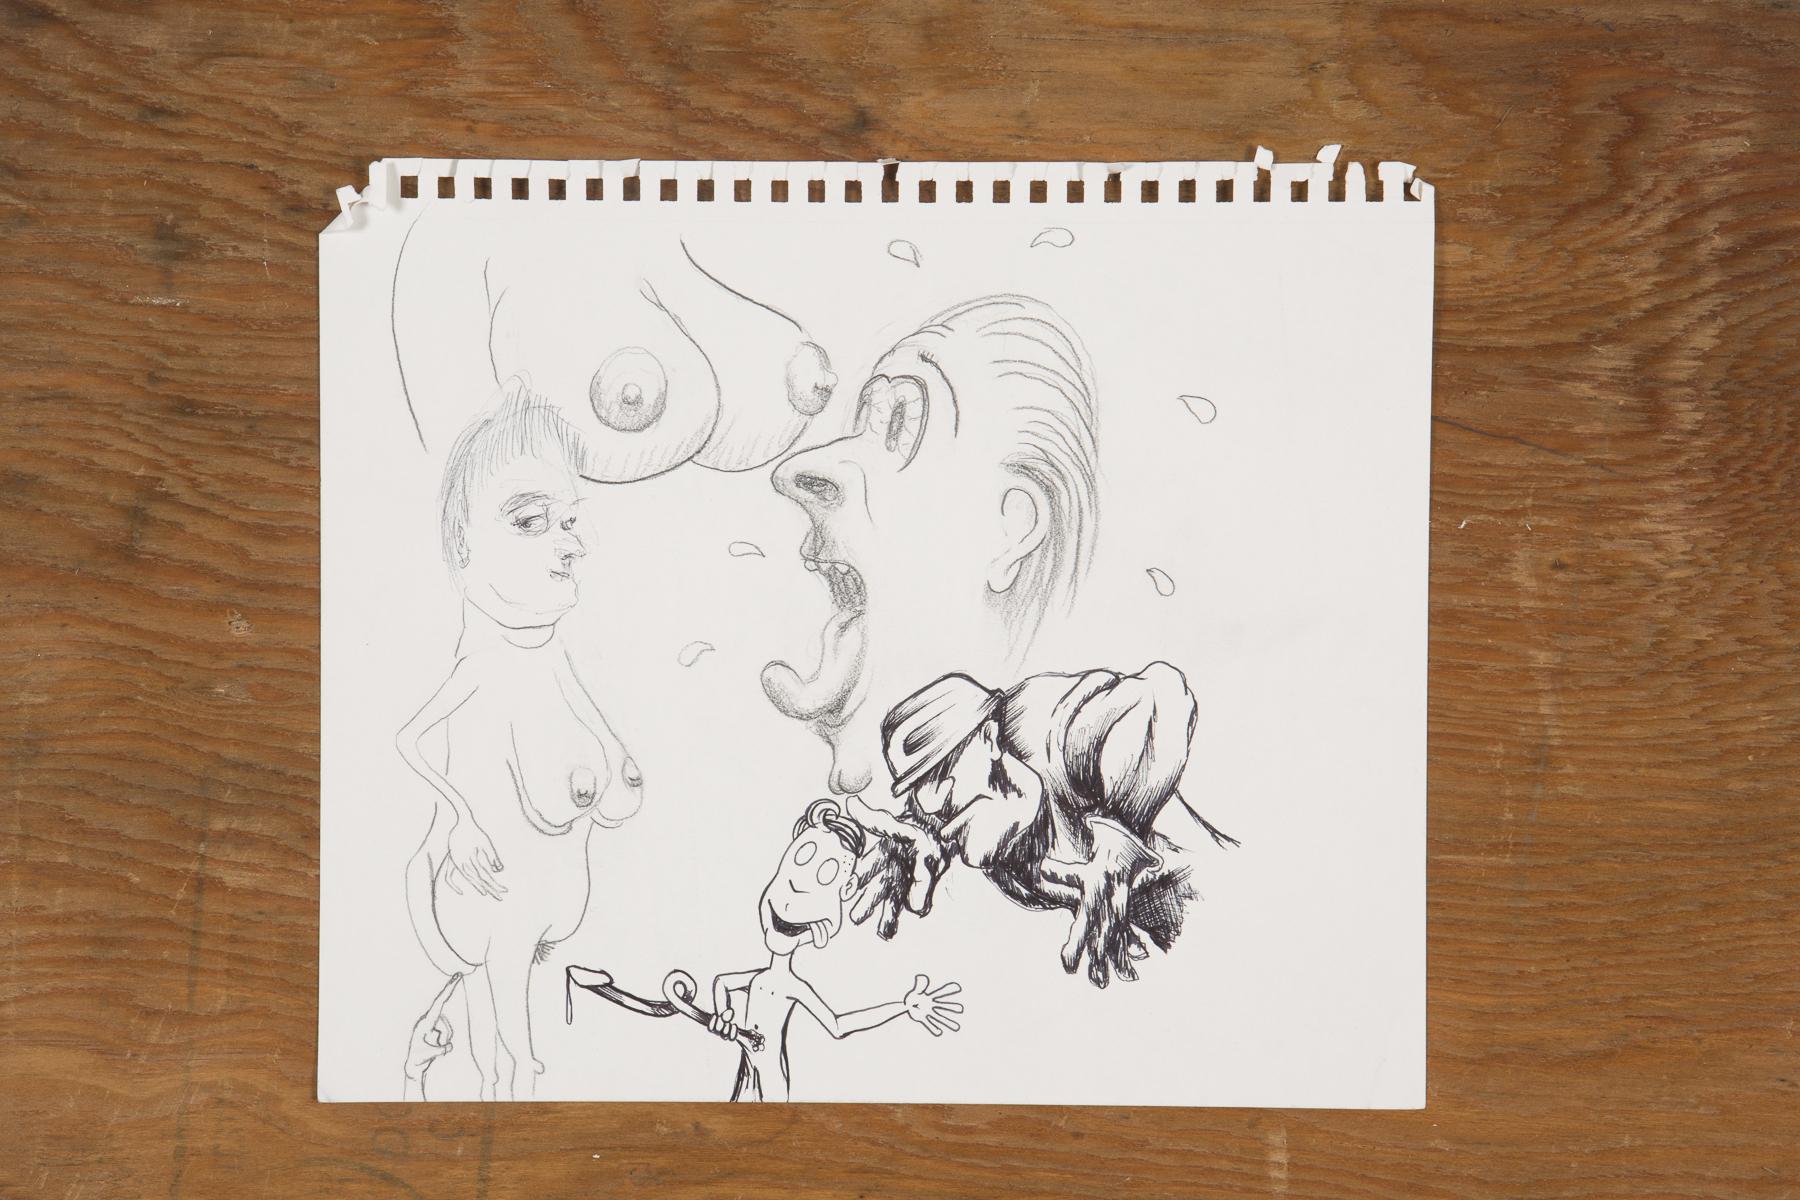 Paintallica_Drawings_099.jpg